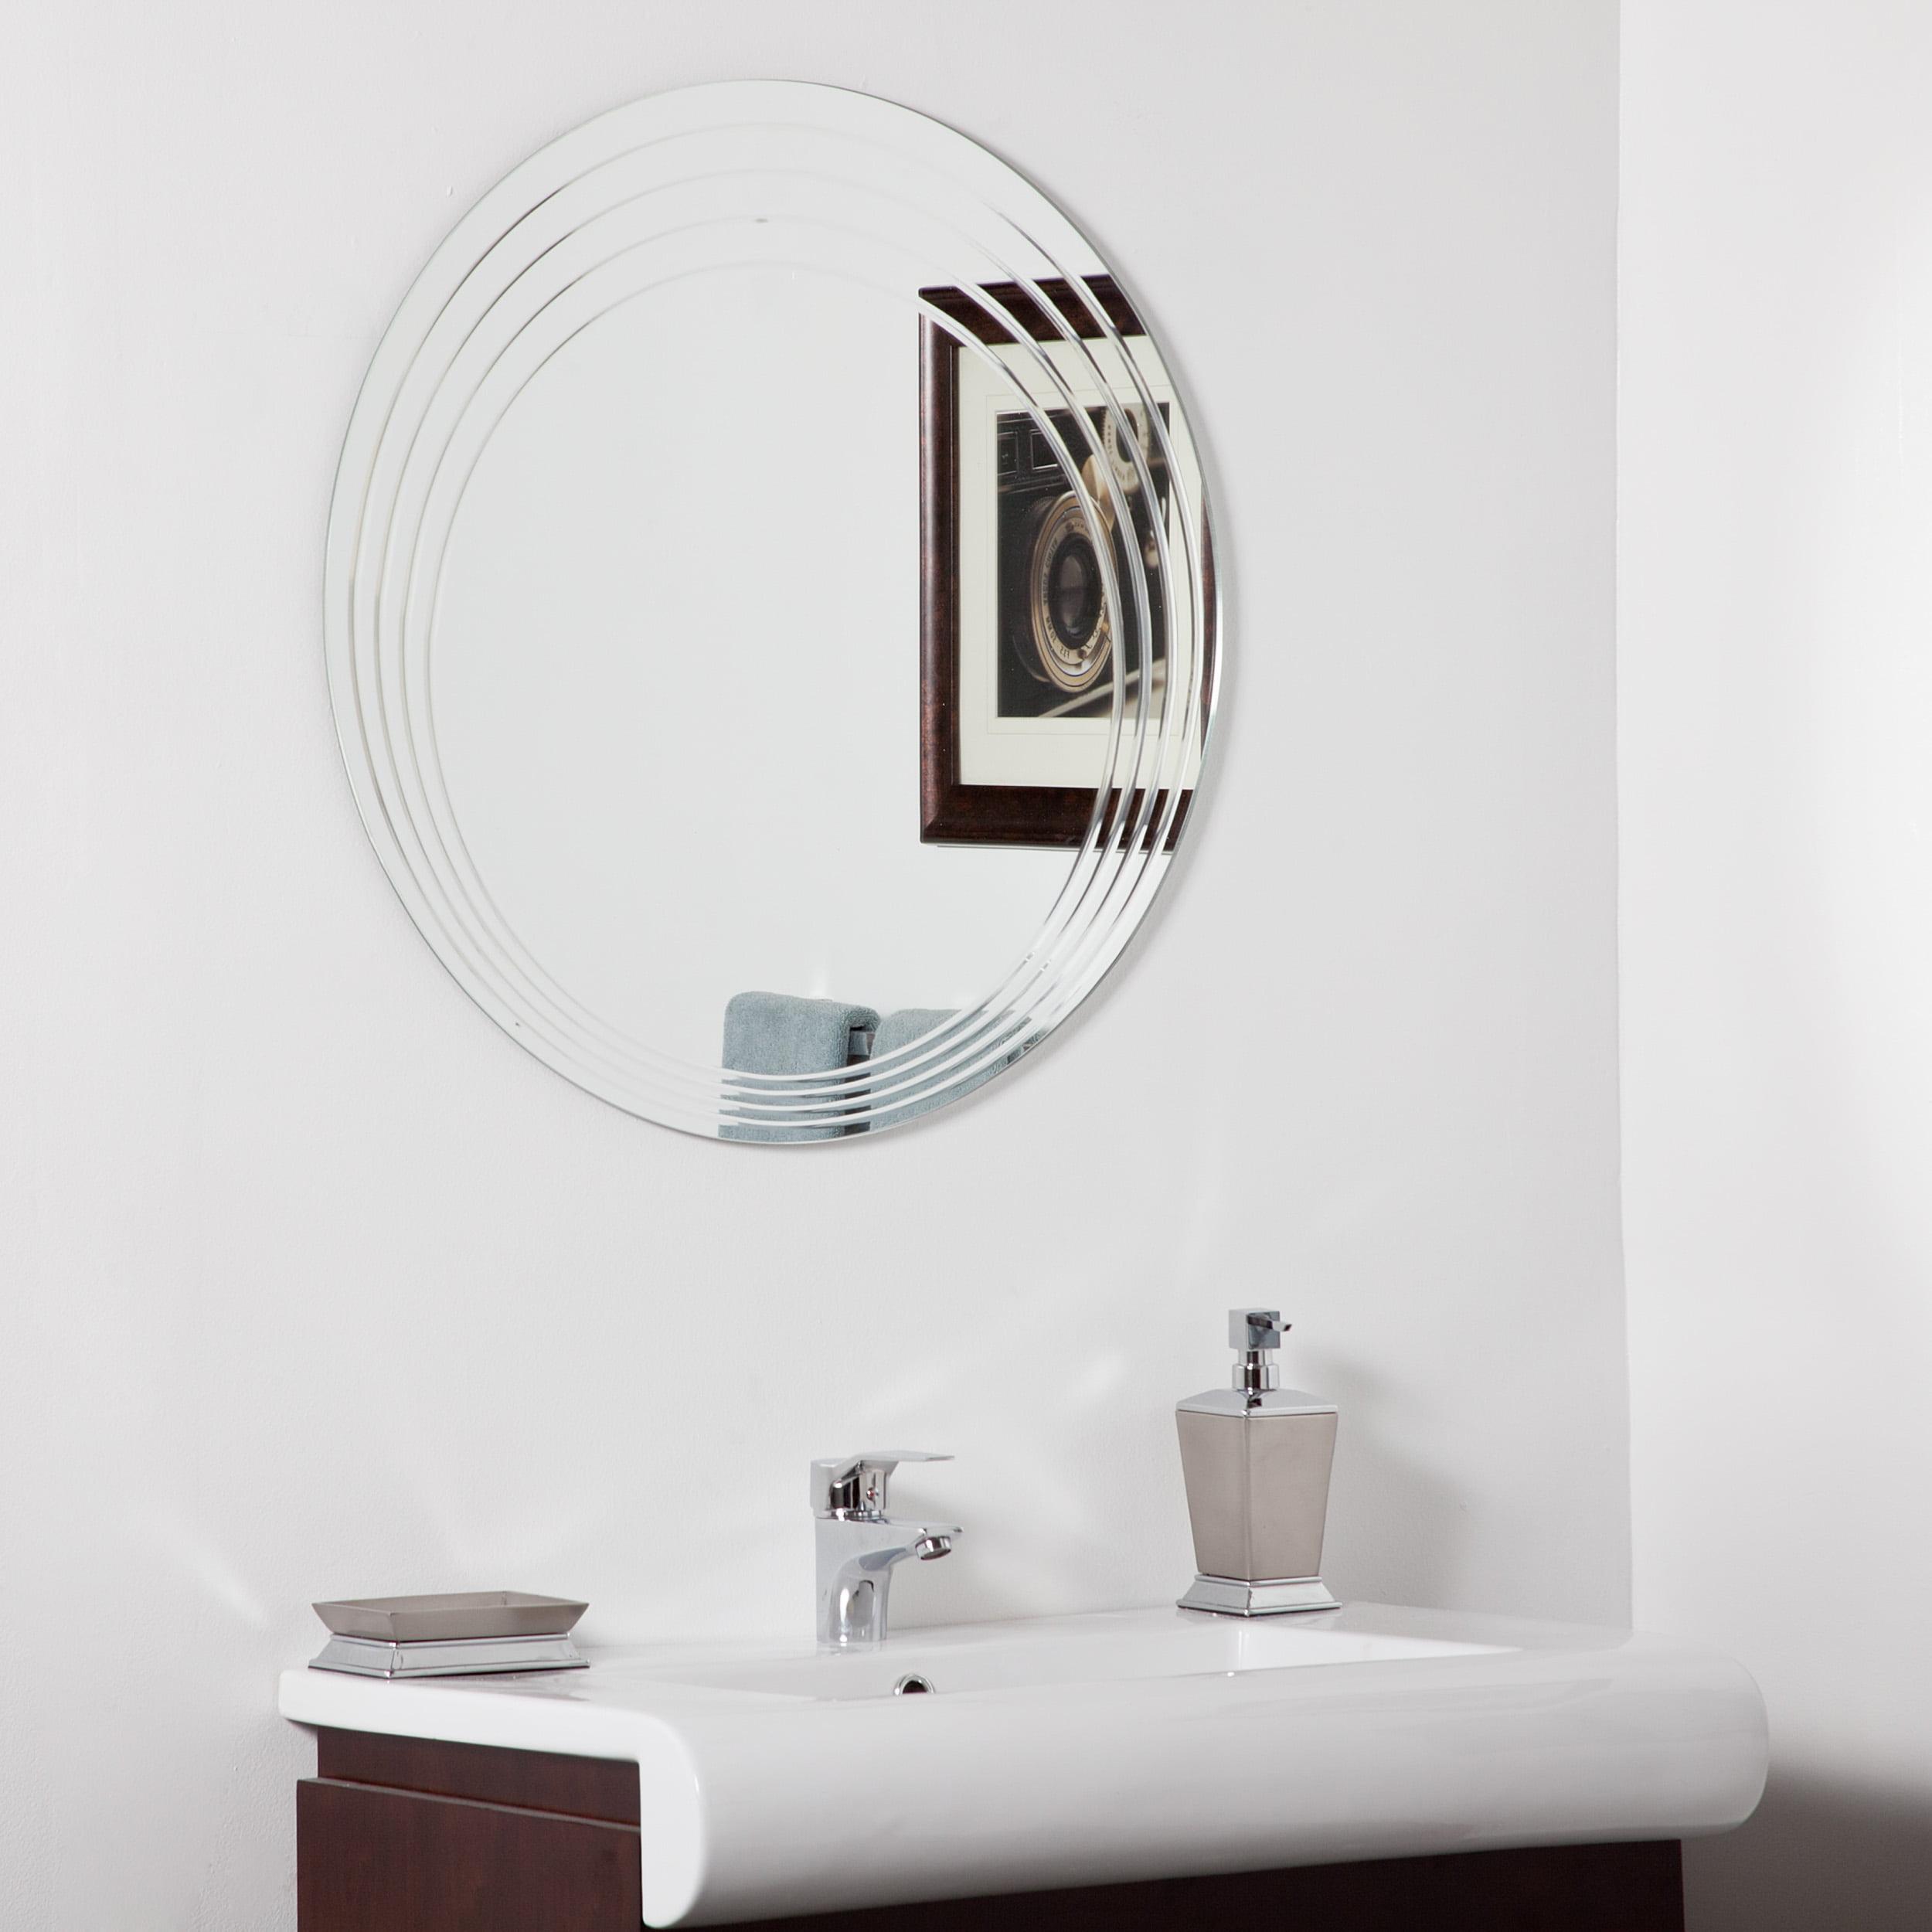 Décor Wonderland Bryn Modern bathroom mirror 27.6 inx27.6 in